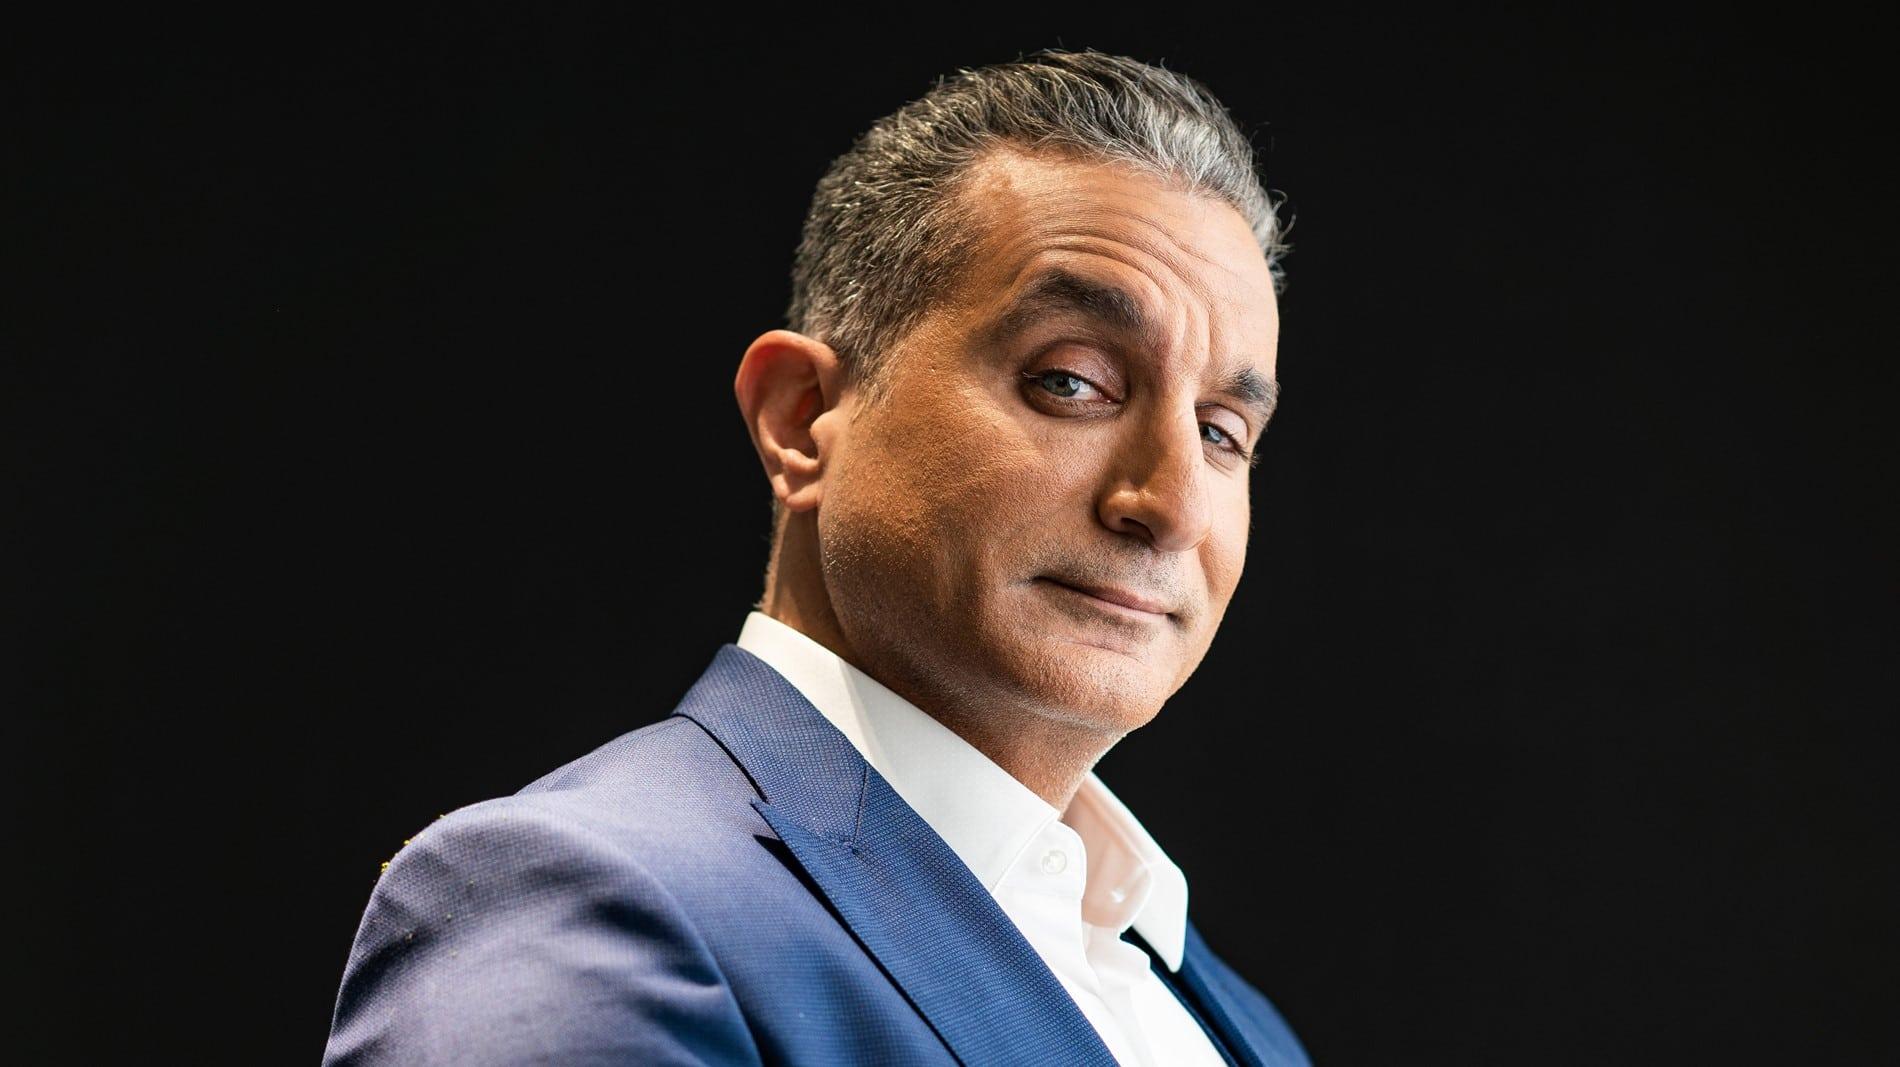 باسم يوسف يثير غضباً واسعاً في وصلة رقص مع فتاة في أحد الملاهي الليلية (فيديو)